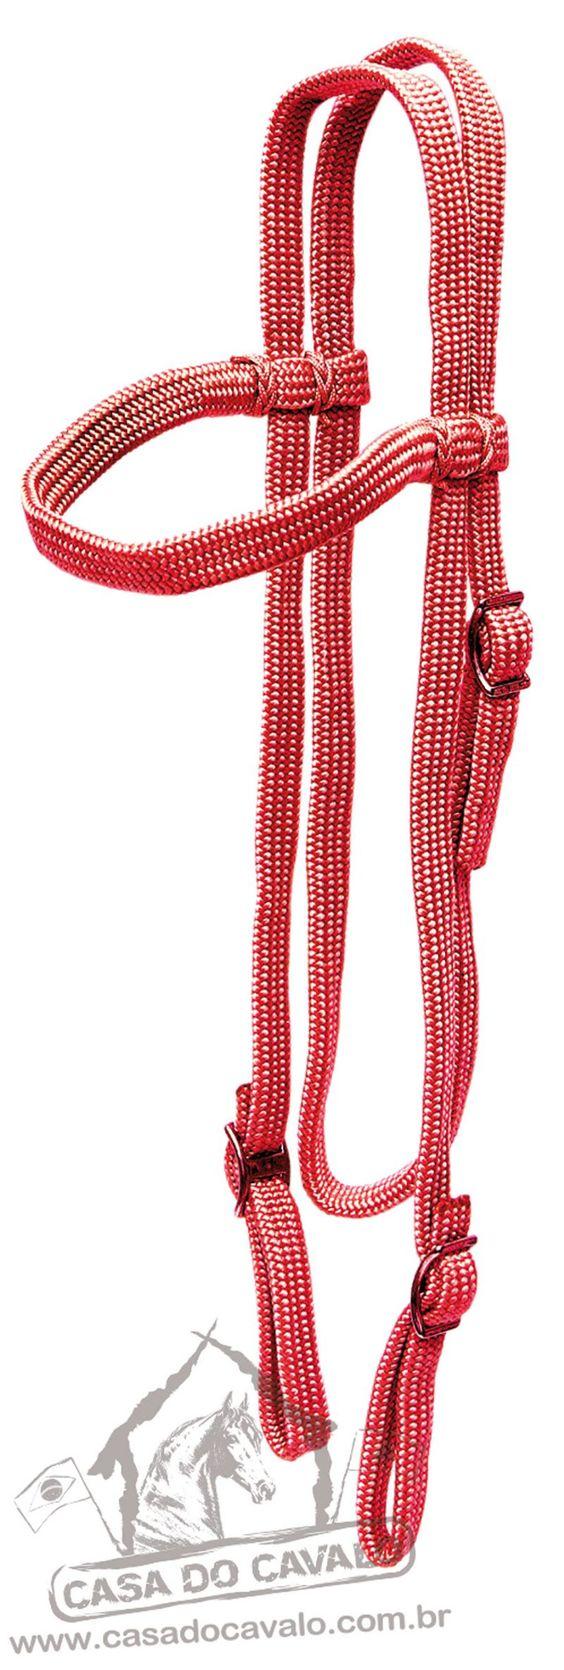 Cabeçada de Seda CV   ( Seda ) Confeccionado em corda de seda chata super resistente, com ferragens em metal anti-ferrugem.